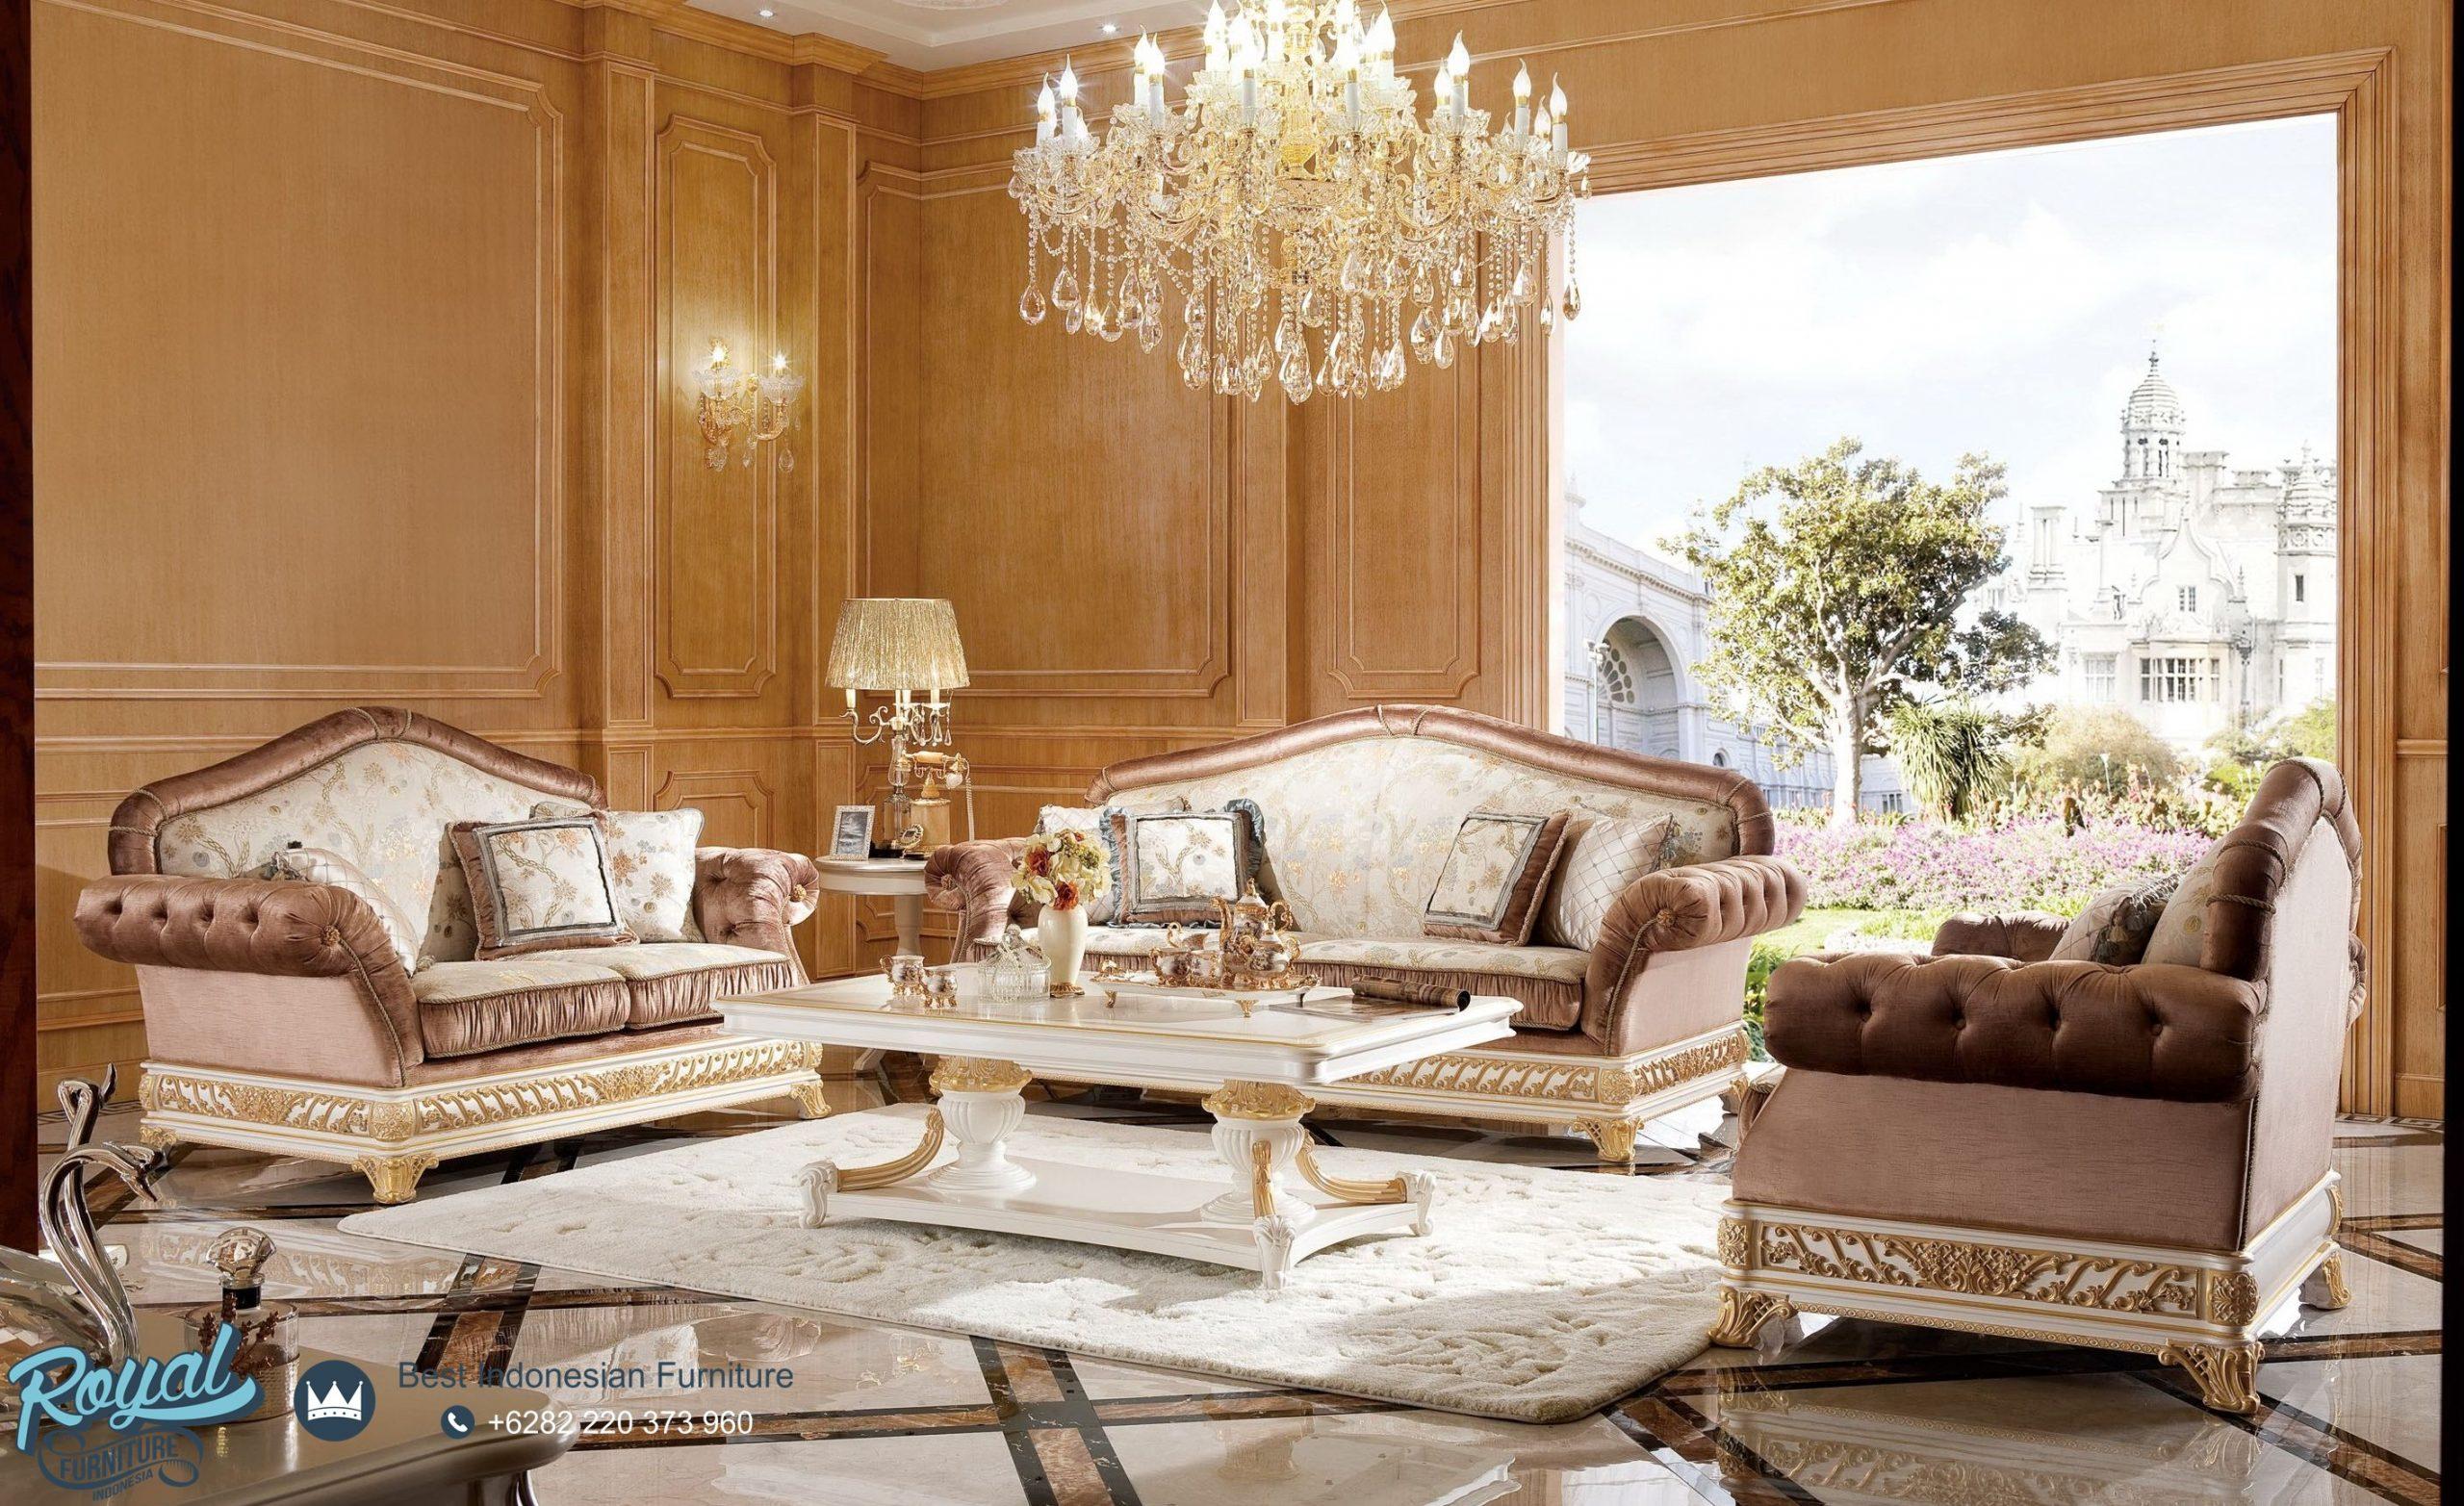 Set Sofa Tamu Jepara Terbaru Luxury Modern Ukiran Jepara, kursi sofa tamu mewah, sofa jati jepara, furniture mebel jati jepara, kursi tamu, kursi tamu mewah, set sofa tamu mewah, set sofa tamu klasik, model sofa tamu mewah terbaru, desain sofa tamu kayu jati klasik jepara, sofa tamu ukir jati jepara, harga sofa tamu ukiran murah, sofa tamu jepara terbaru, sofa ruang tamu klasik duco putih, sofa mewah terbaru jepara, sofa mewah kulit jati jepara, model sofa mewah dan elegan, sofa mewah klasik, sofa ruang tamu modern, kursi sofa tamu klasik jepara, jual sofa tamu jati jepara ukir klasik, furniture jepara, mebel jepara, pusat furniture jepara, furniture jepara store, royal furniture, royal furniture jepara, royal furniture indonesia